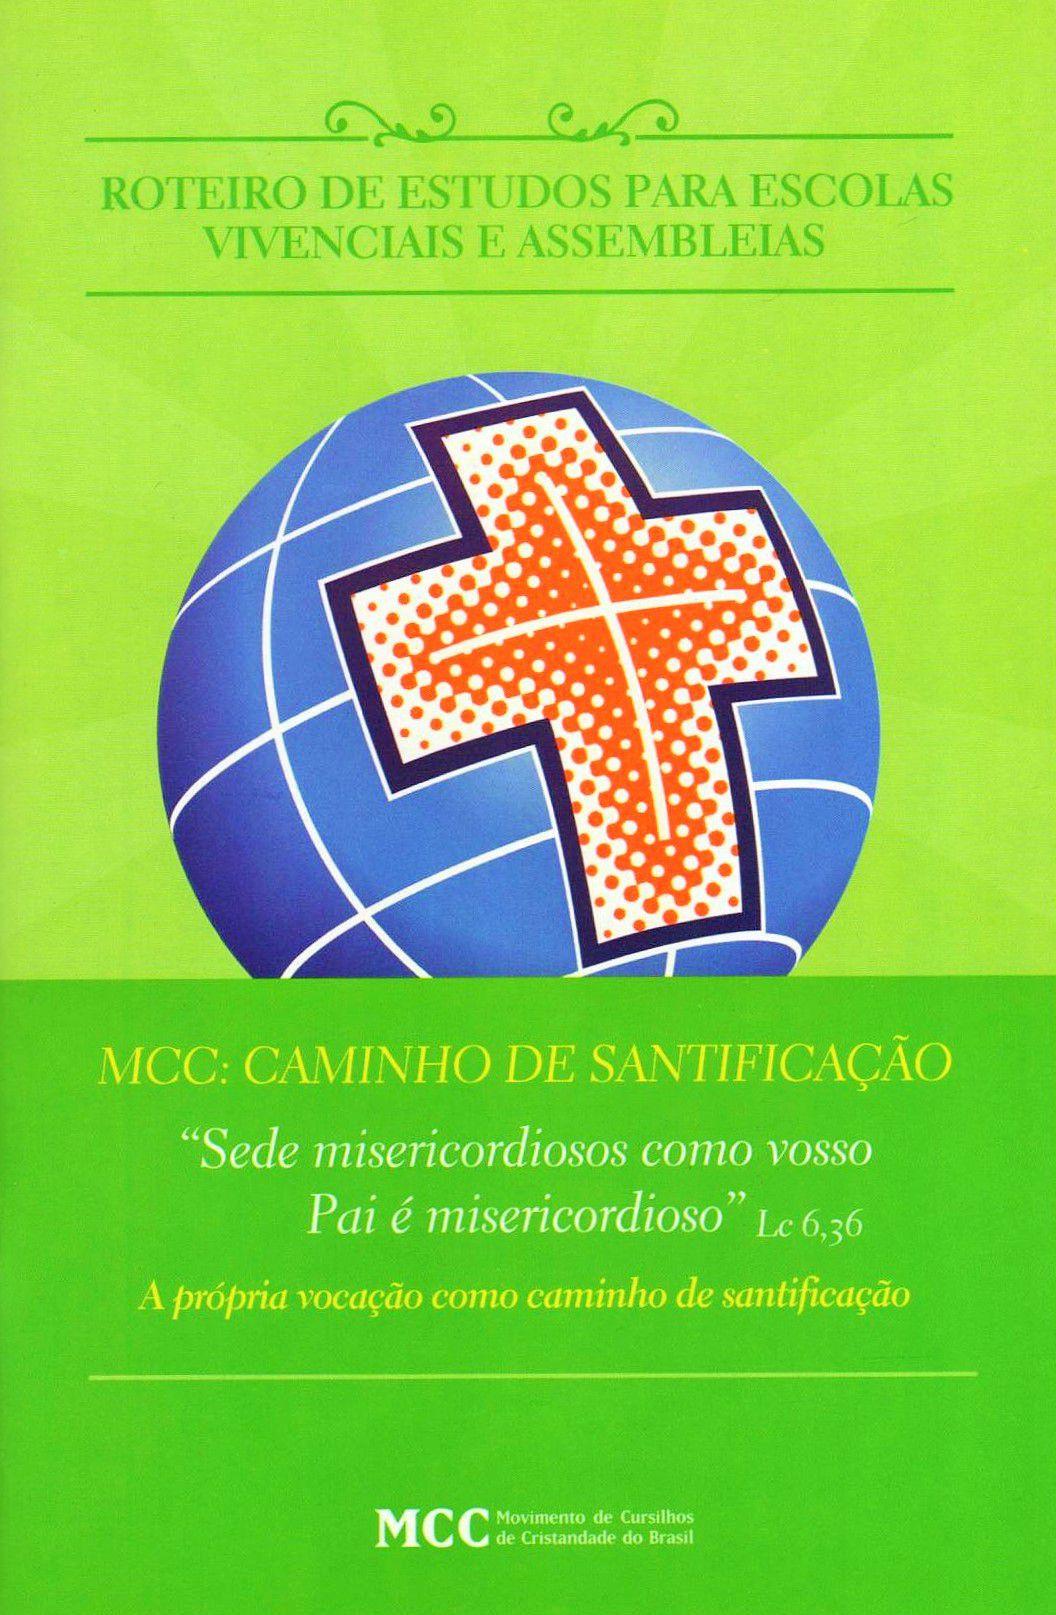 Roteiro de Estudos - Assembleias Regionais - MCC: Caminho de Santificação - AR. 2019